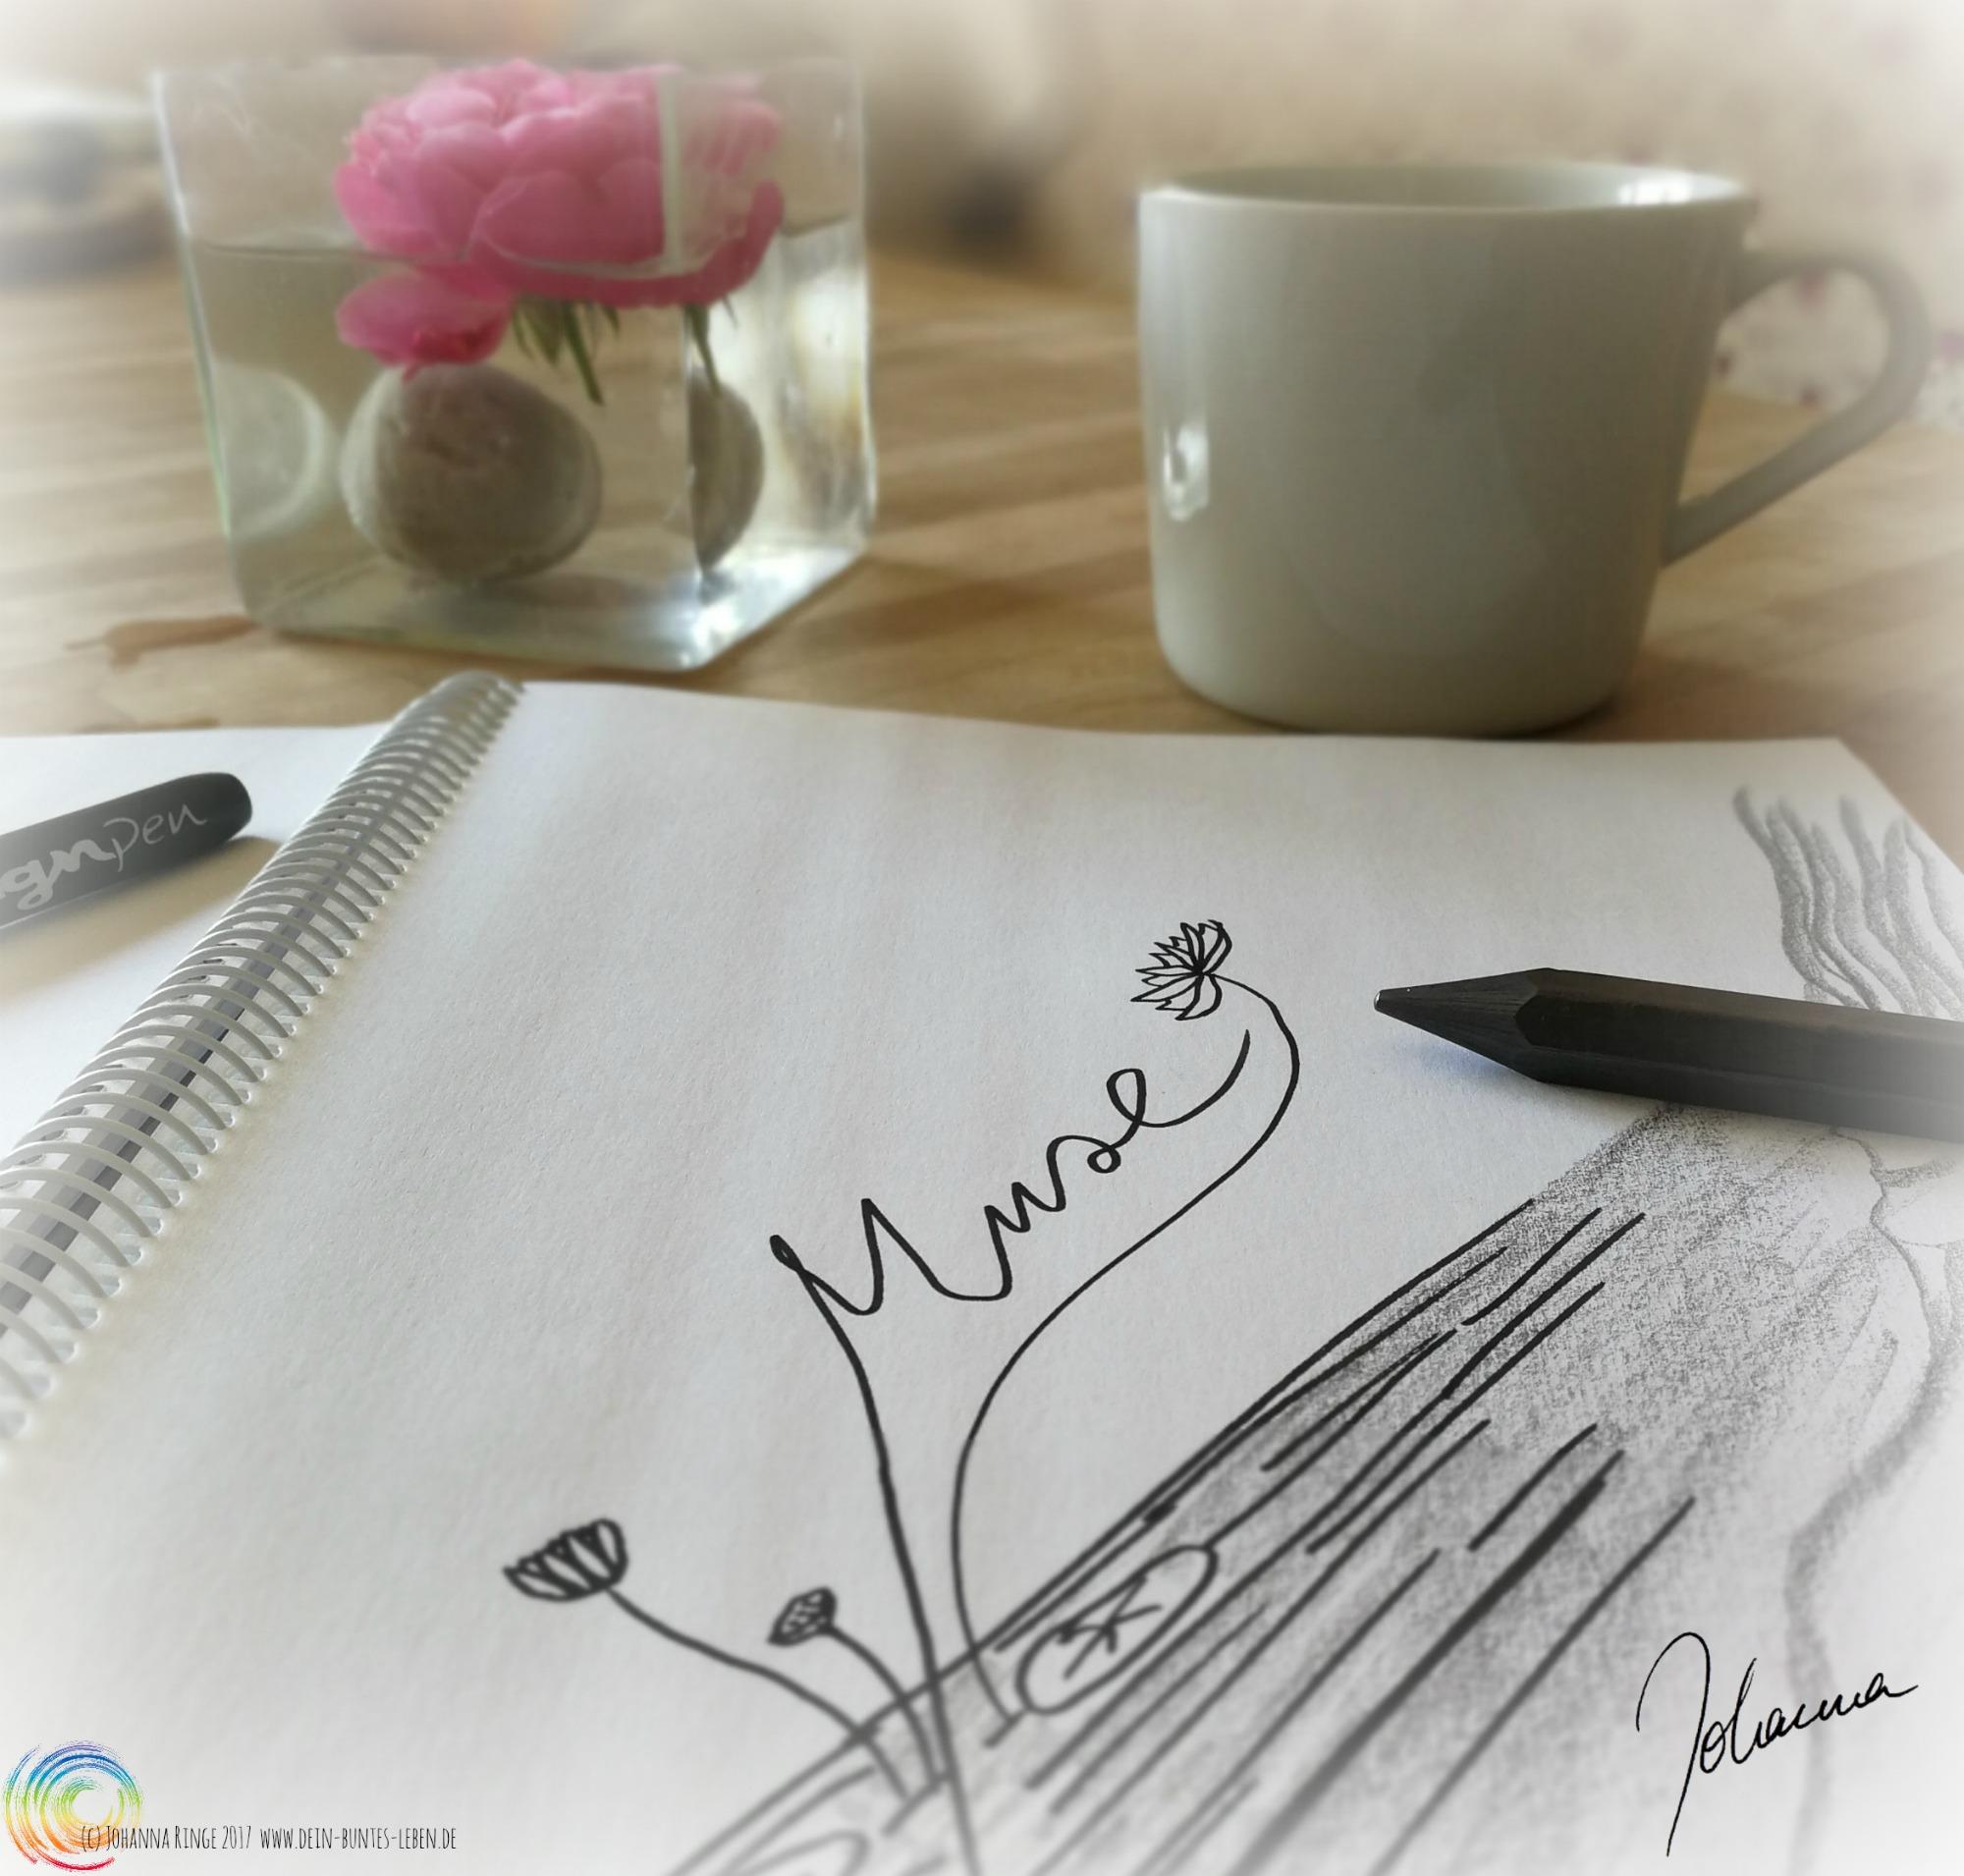 Foto: Zeichenblock mit Lotus-Skizze und Schriftzug Muse, dahinter Teebecher und Rosenblüte. (c) Johanna Ringe 2017 www.dein-buntes-leben.de